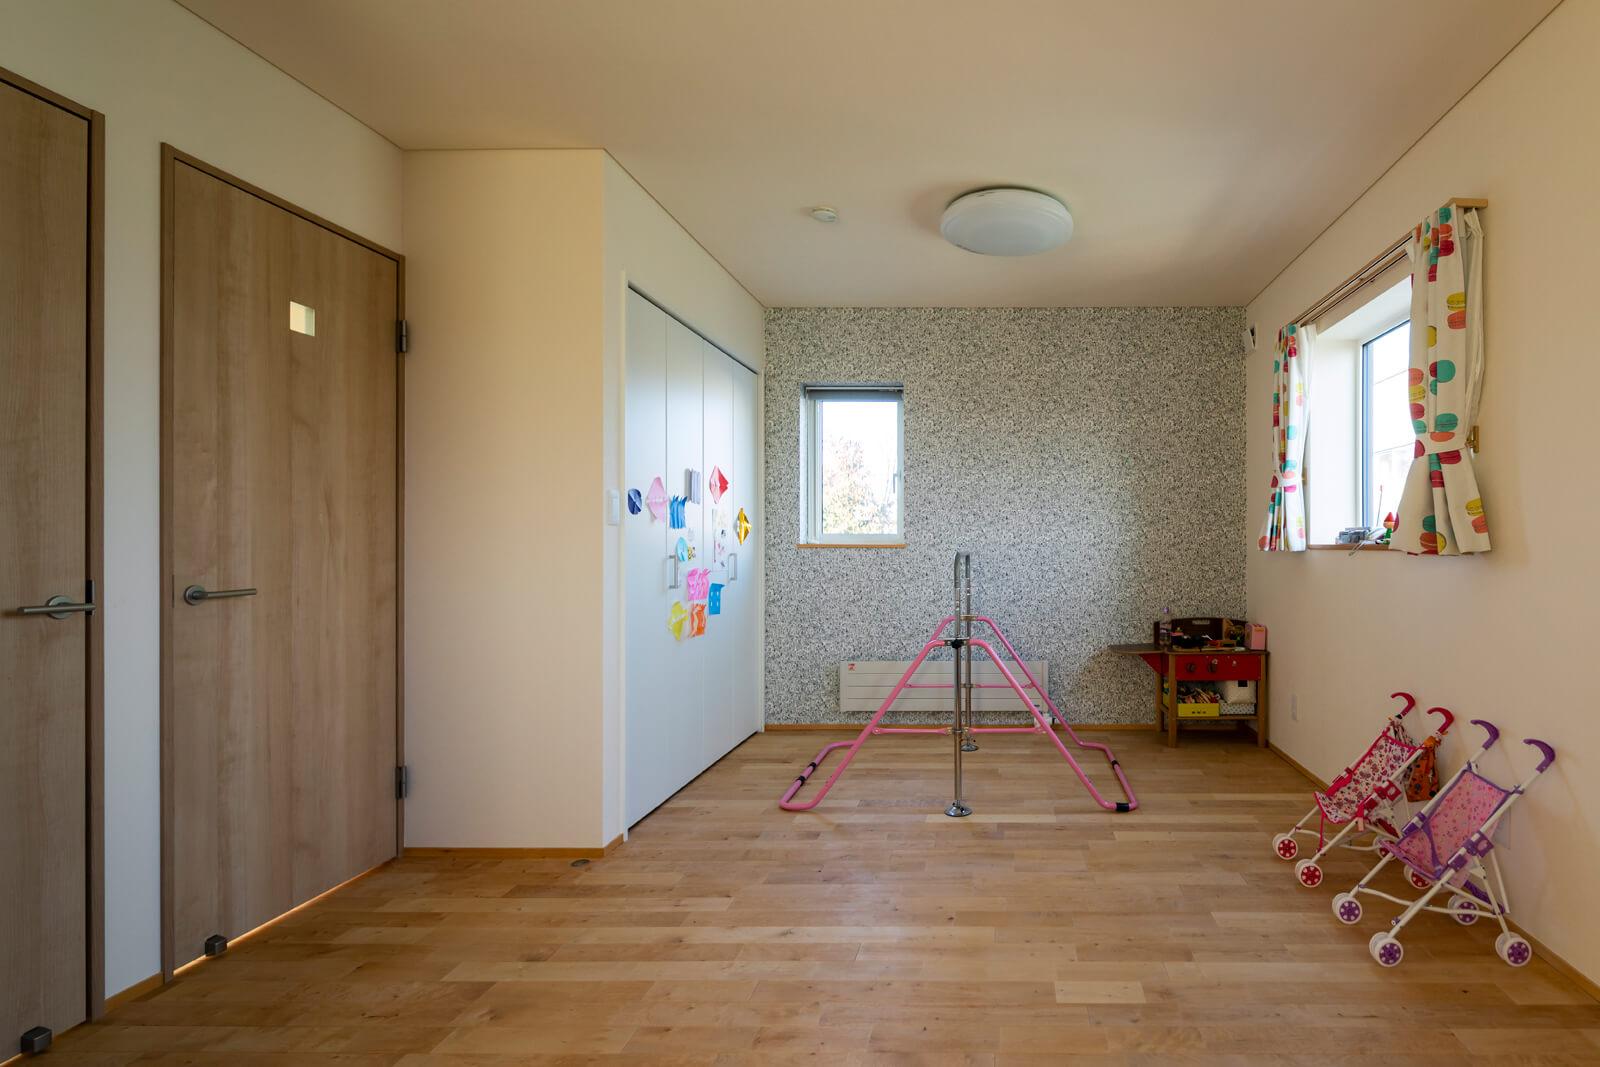 将来的に仕切ることができる仕様の子ども部屋。ポップなカーテンやアクセントクロスがかわいらしさを演出